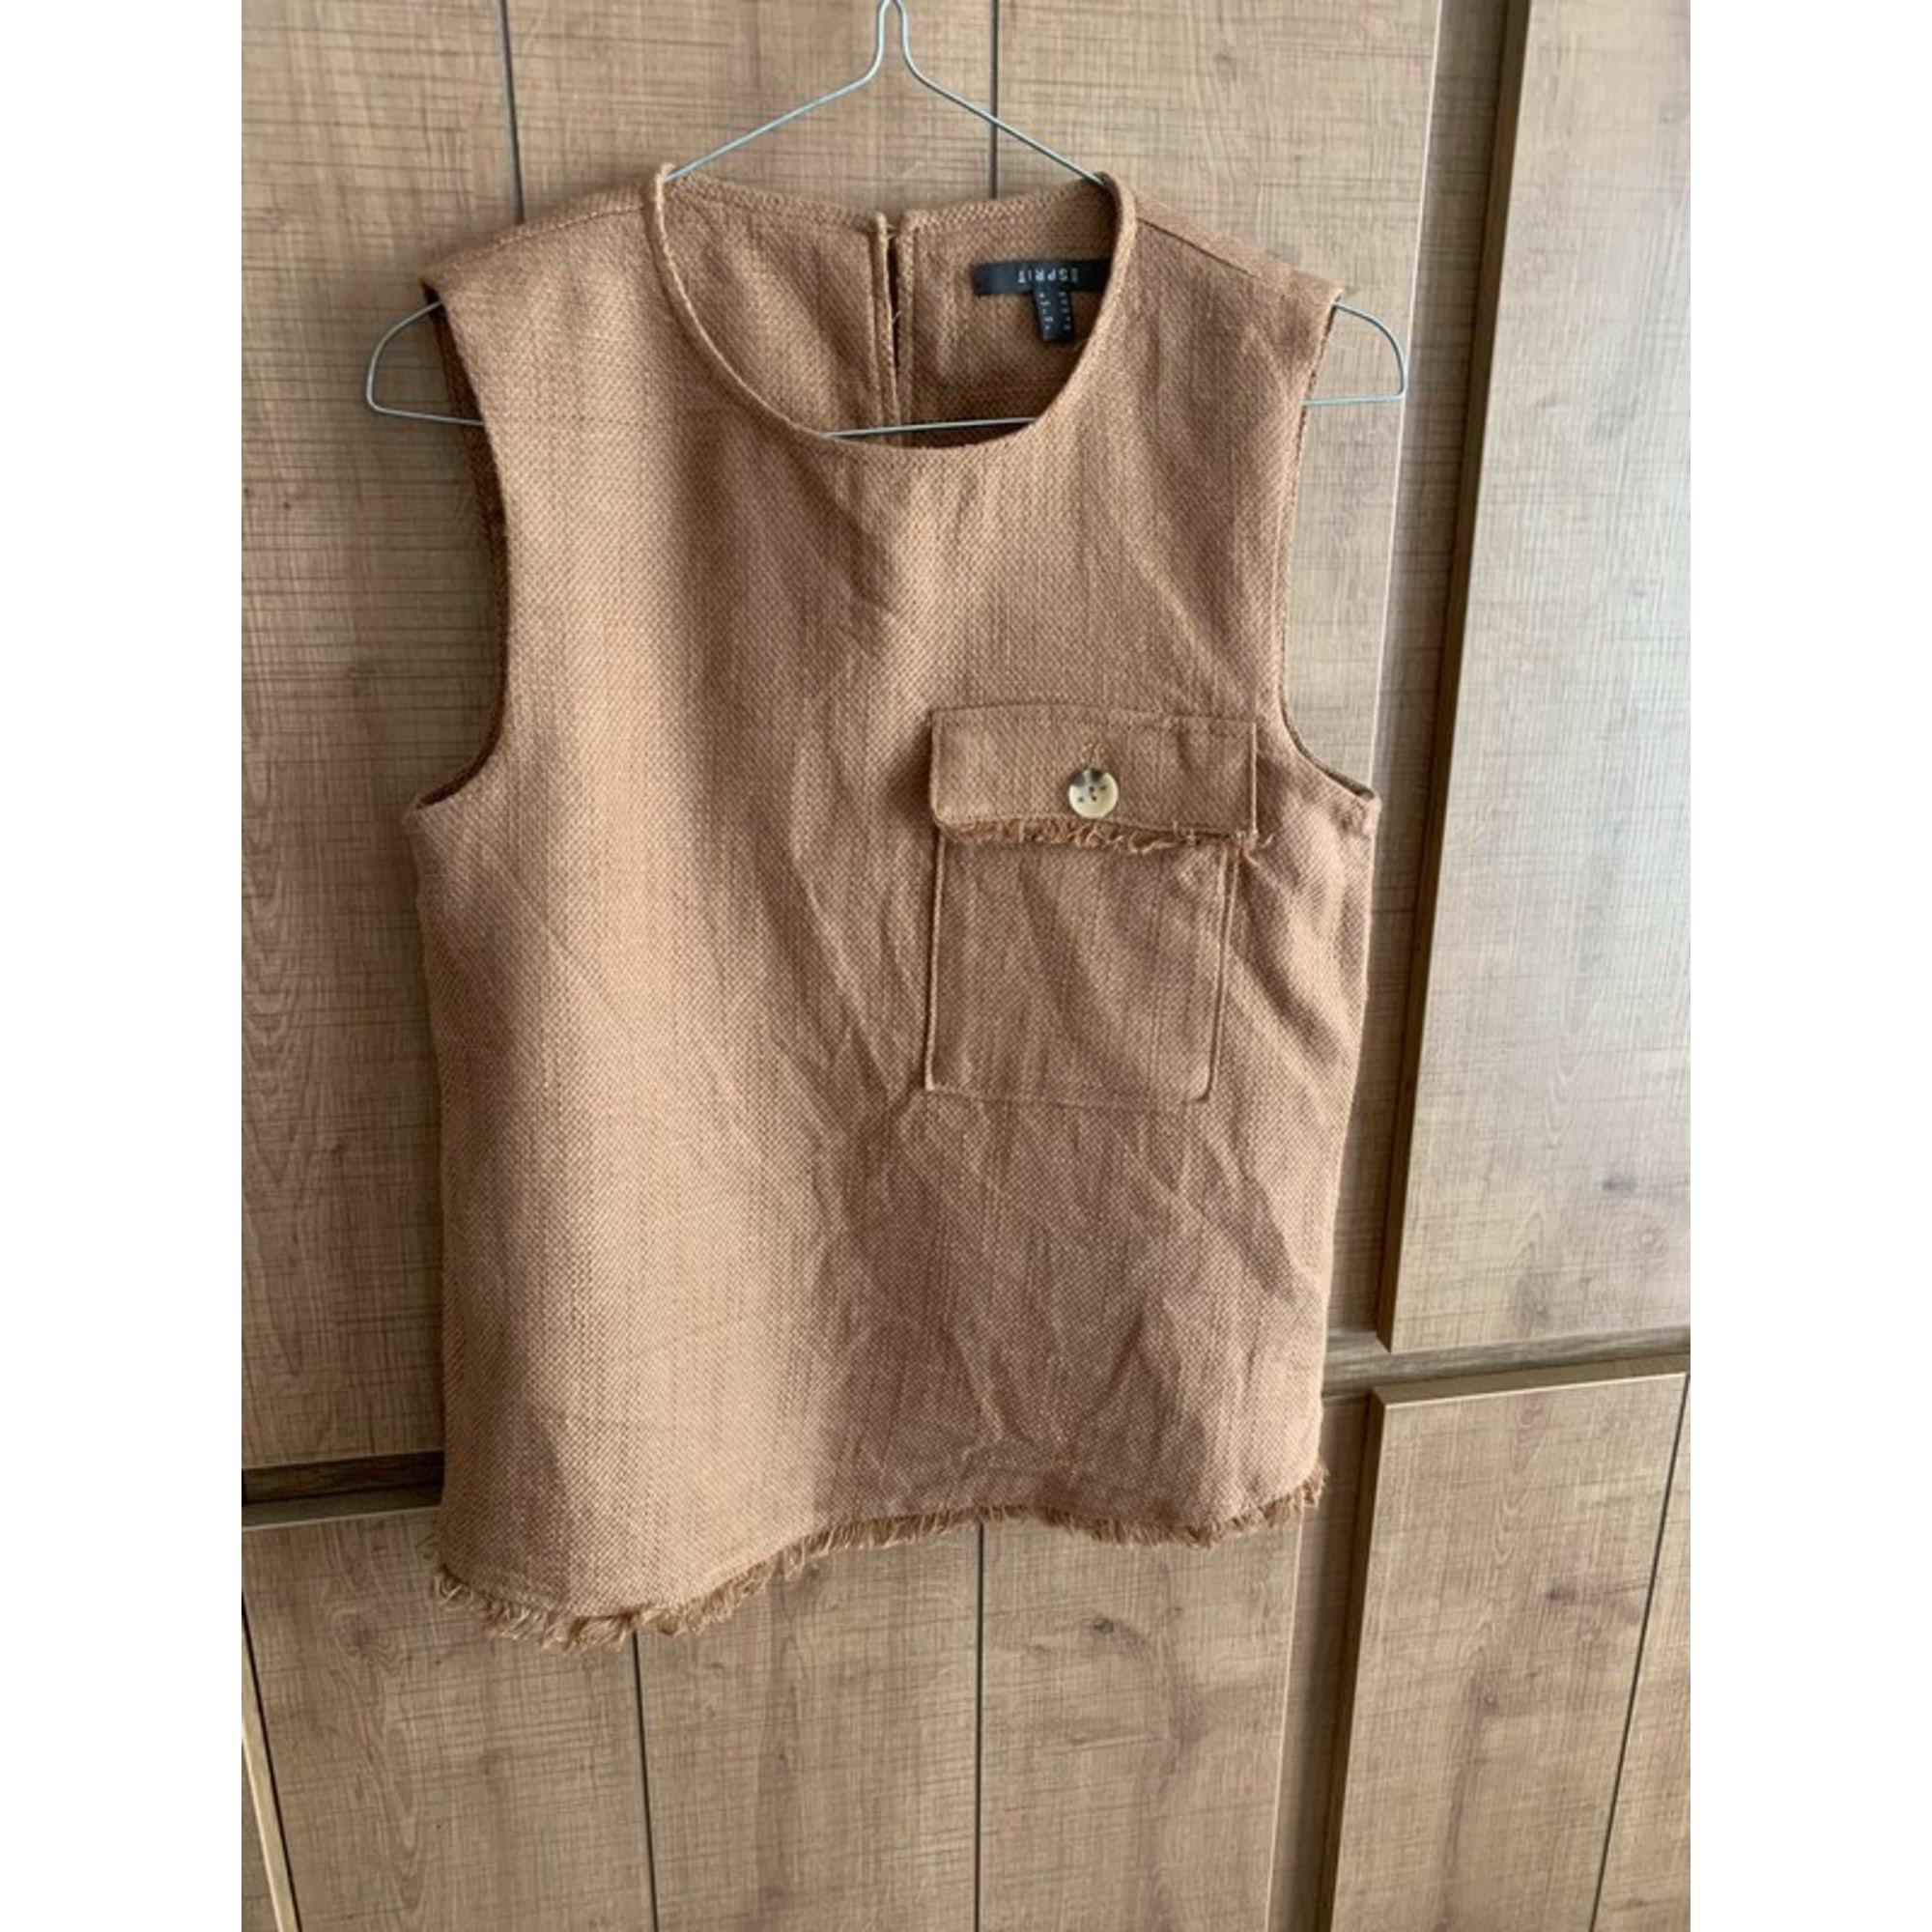 Top, tee-shirt ESPRIT Beige, camel